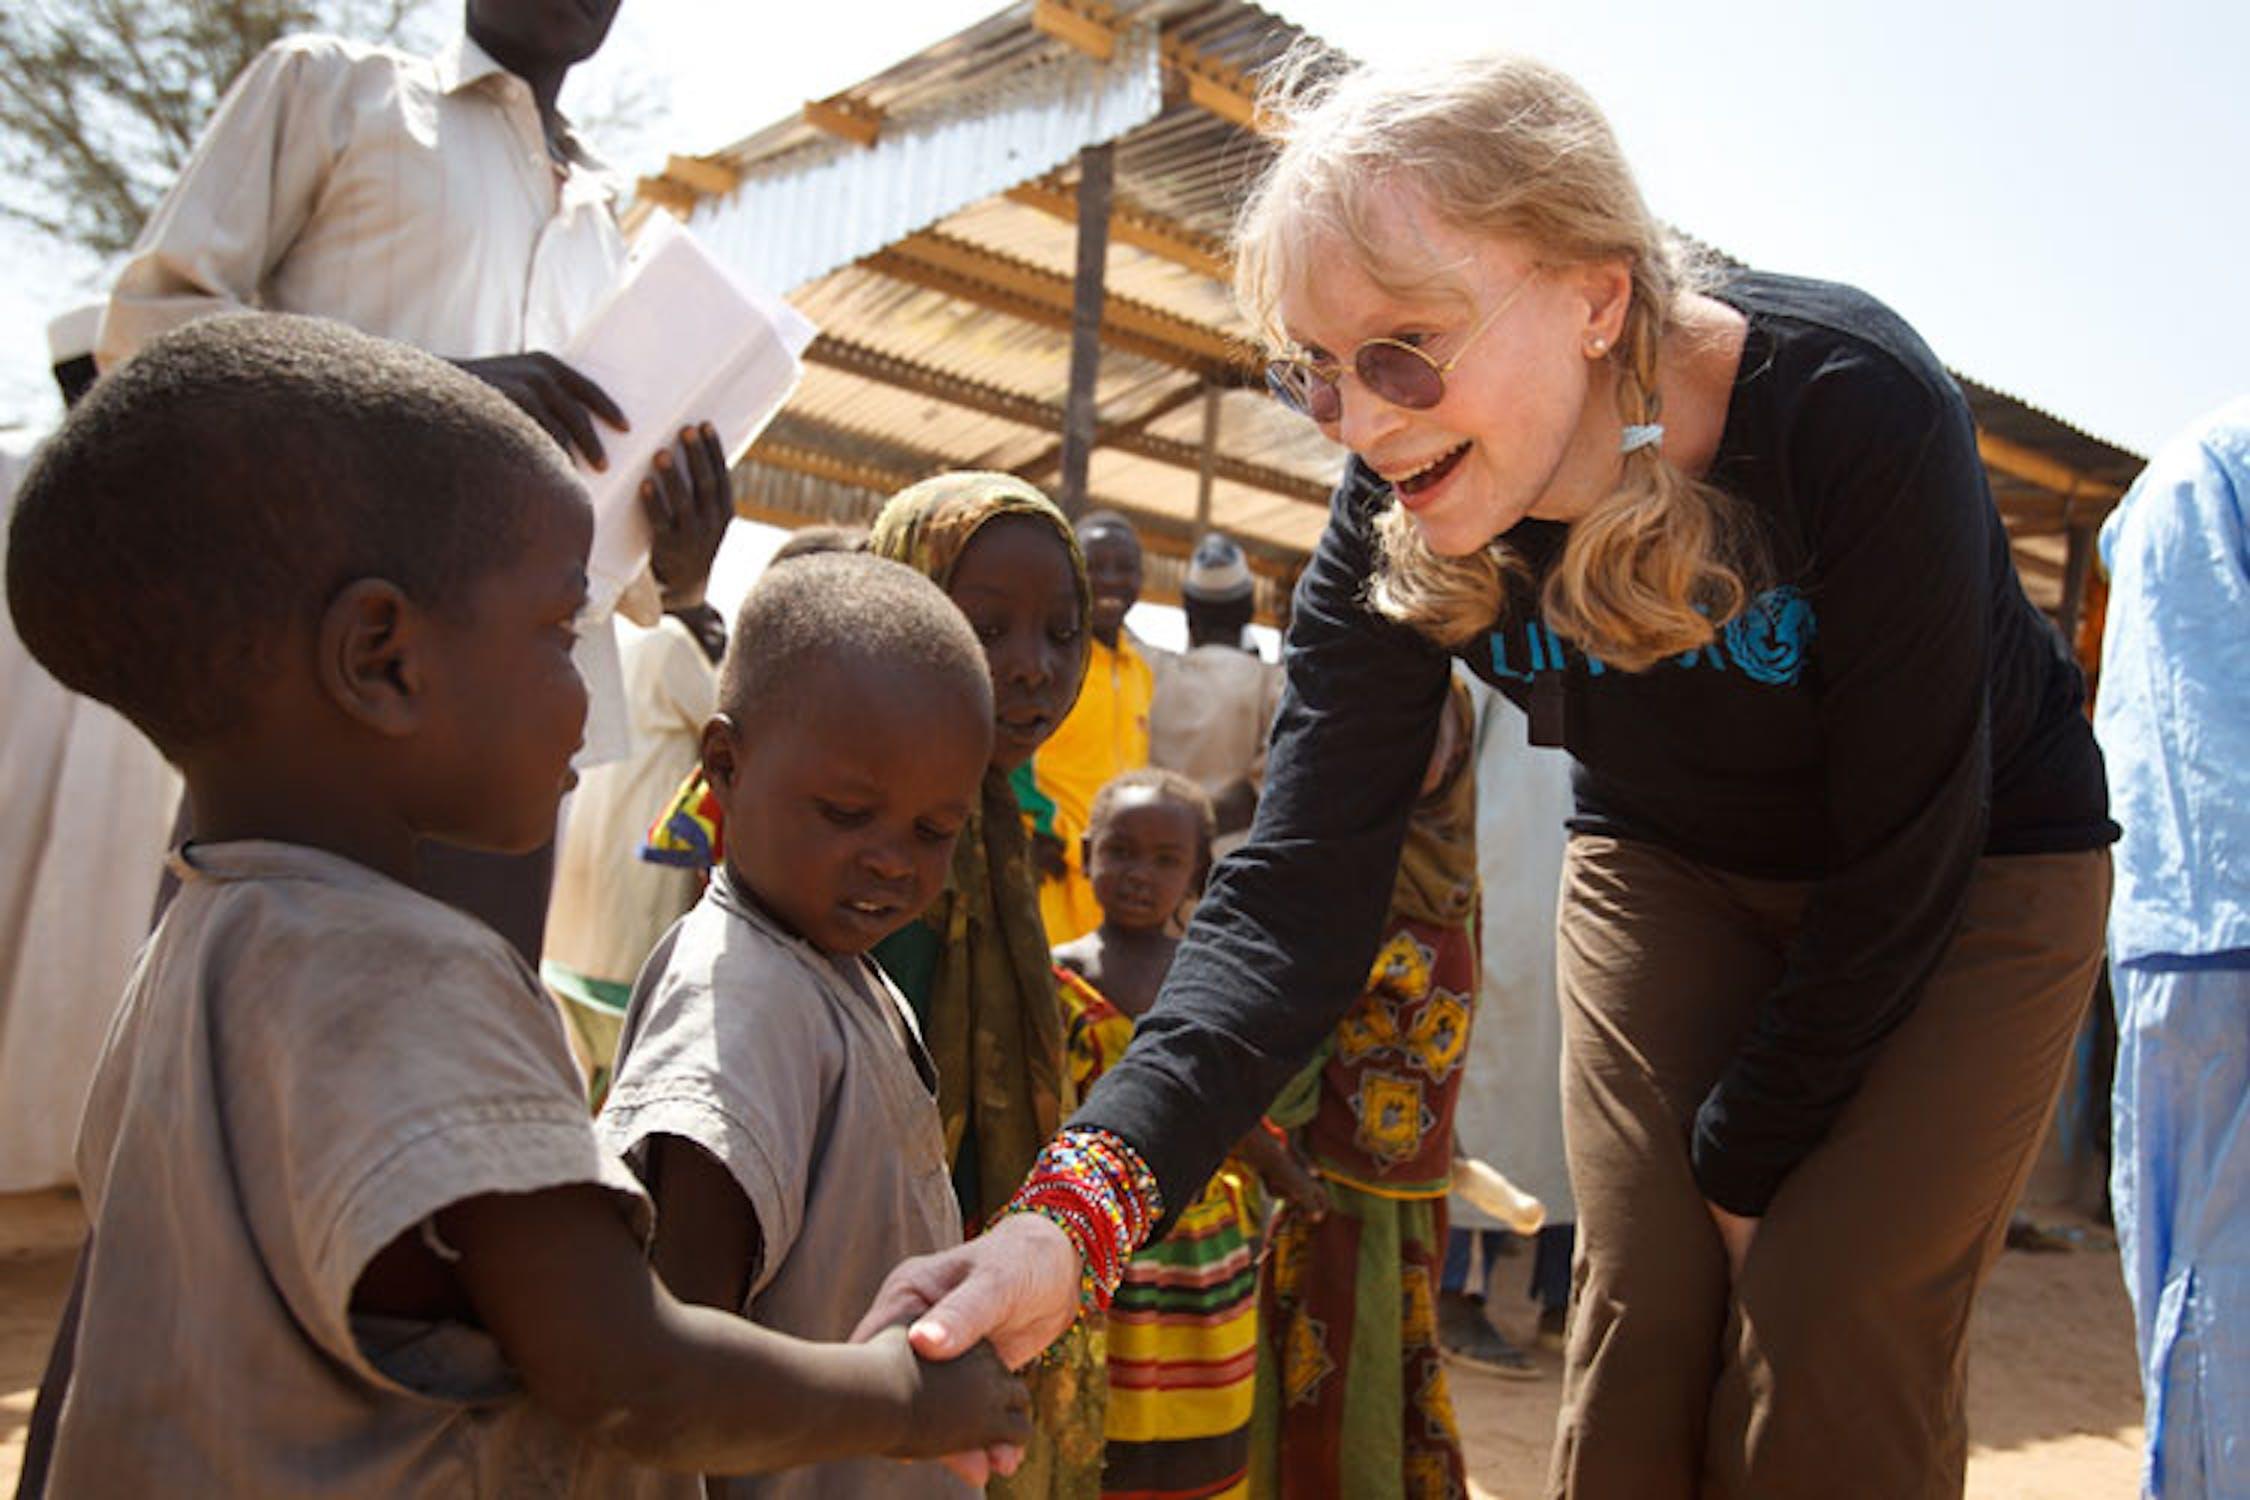 Mia Farrow con un bambino del Darfur nel campo profughi di Koubigou, nei pressi della città di Goz Beida (Ciad) - ©UNICEF/NYHQ2012-0049/Asselin